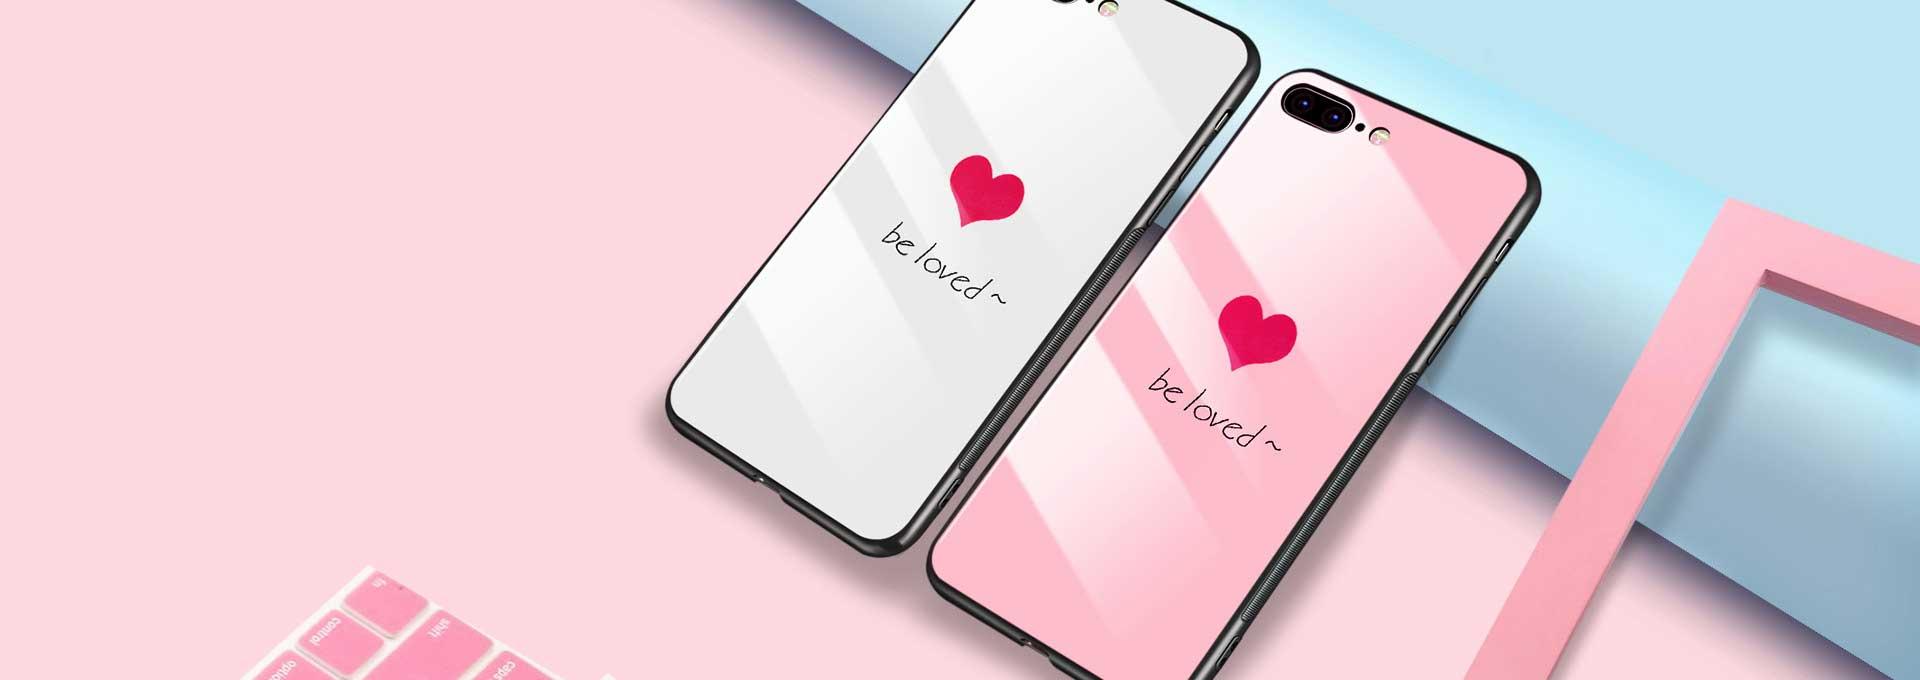 Coque iPhone 8 Plus Pas Cher